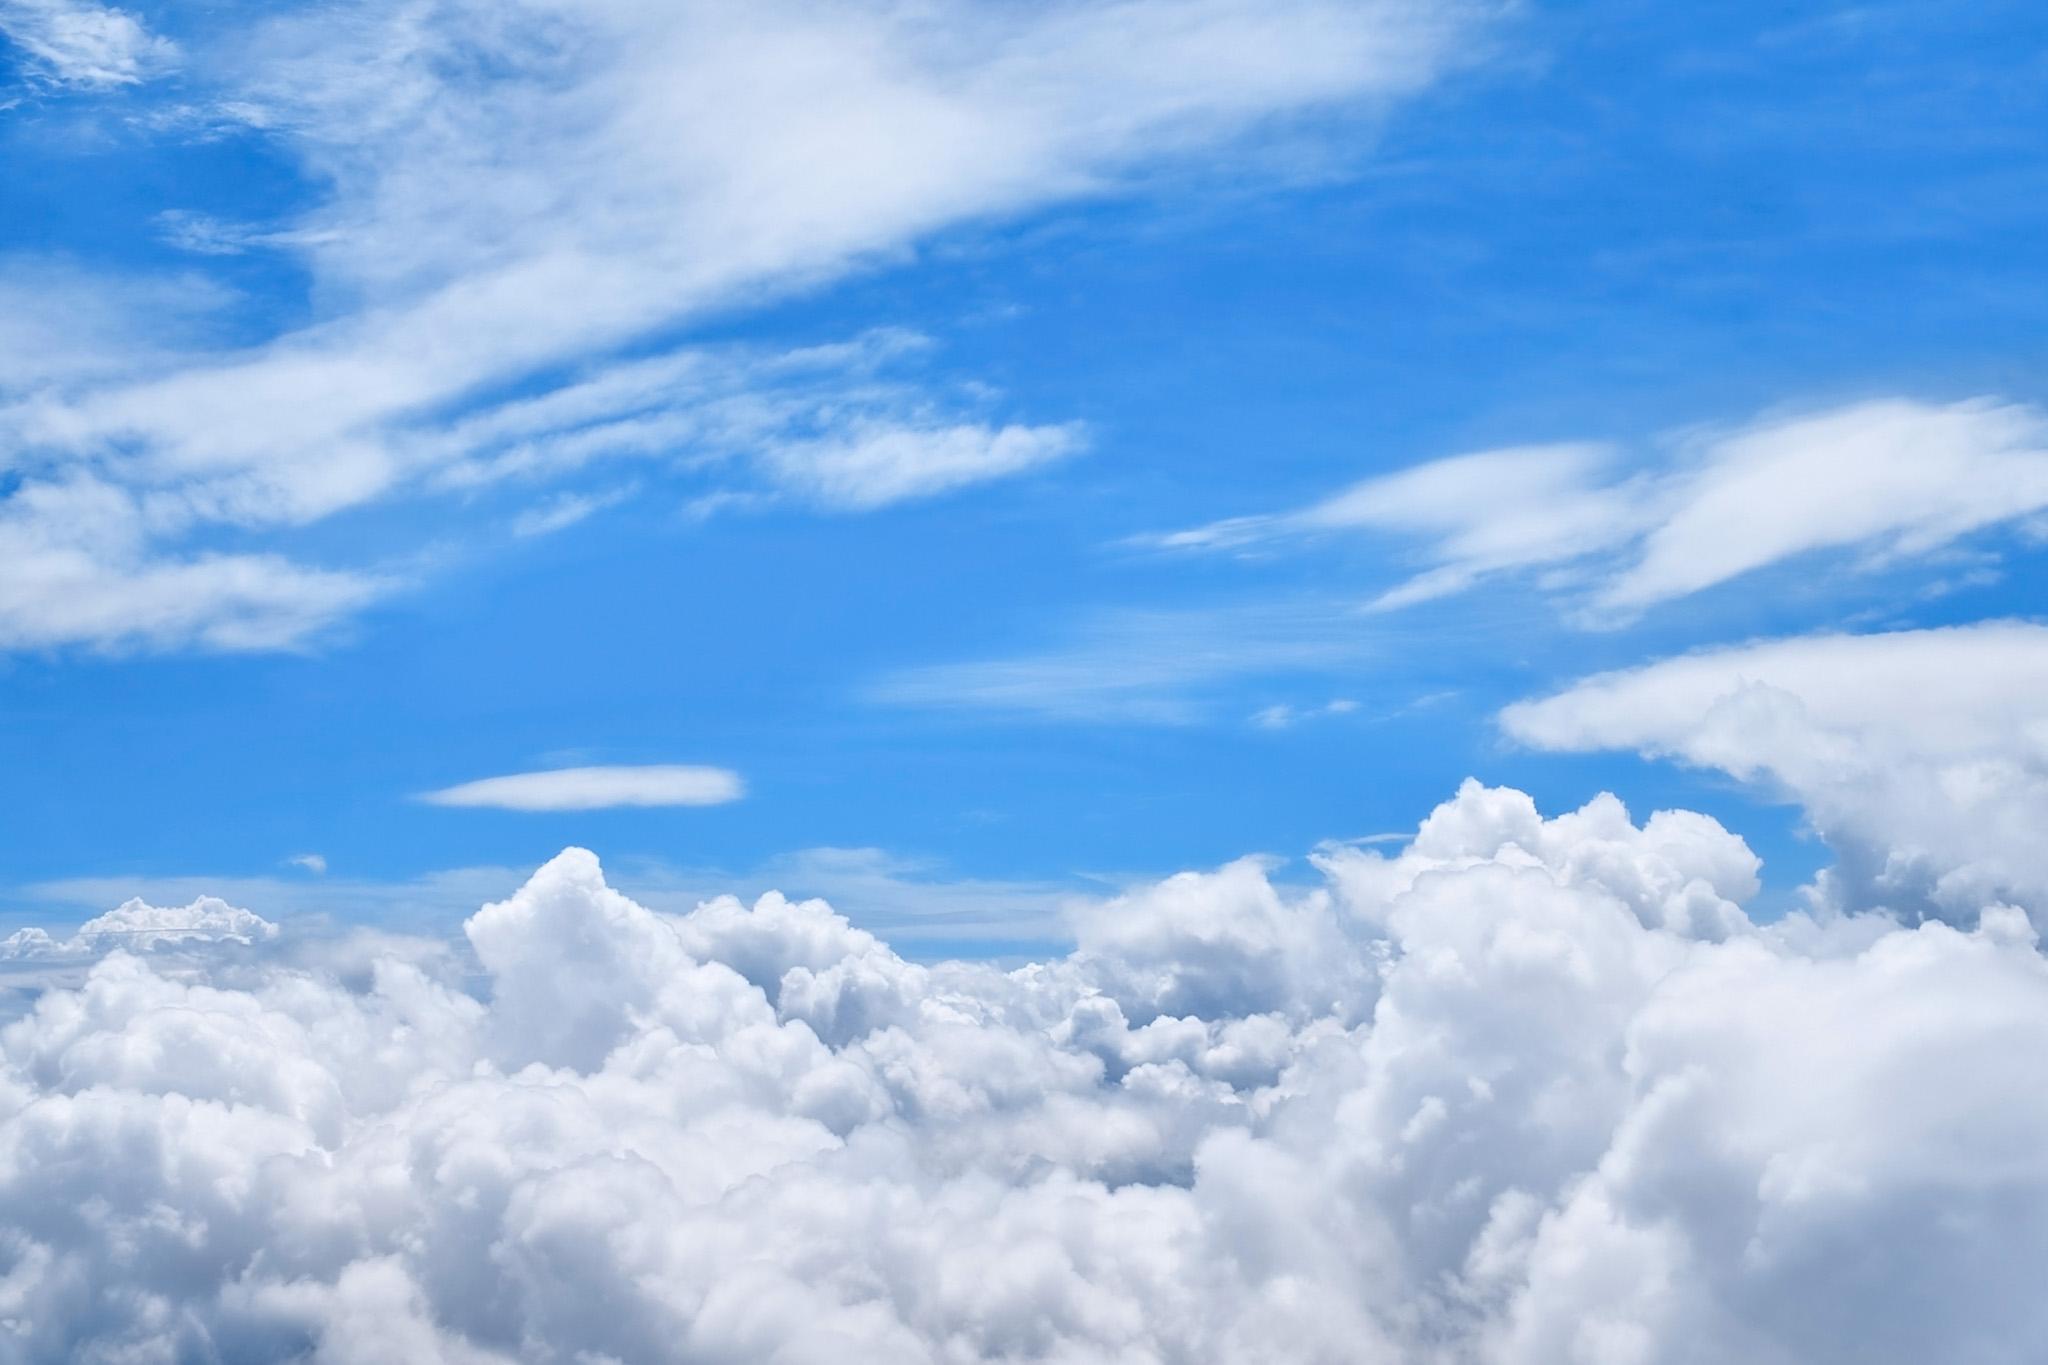 層積雲が湧き上る上空の青空」の...